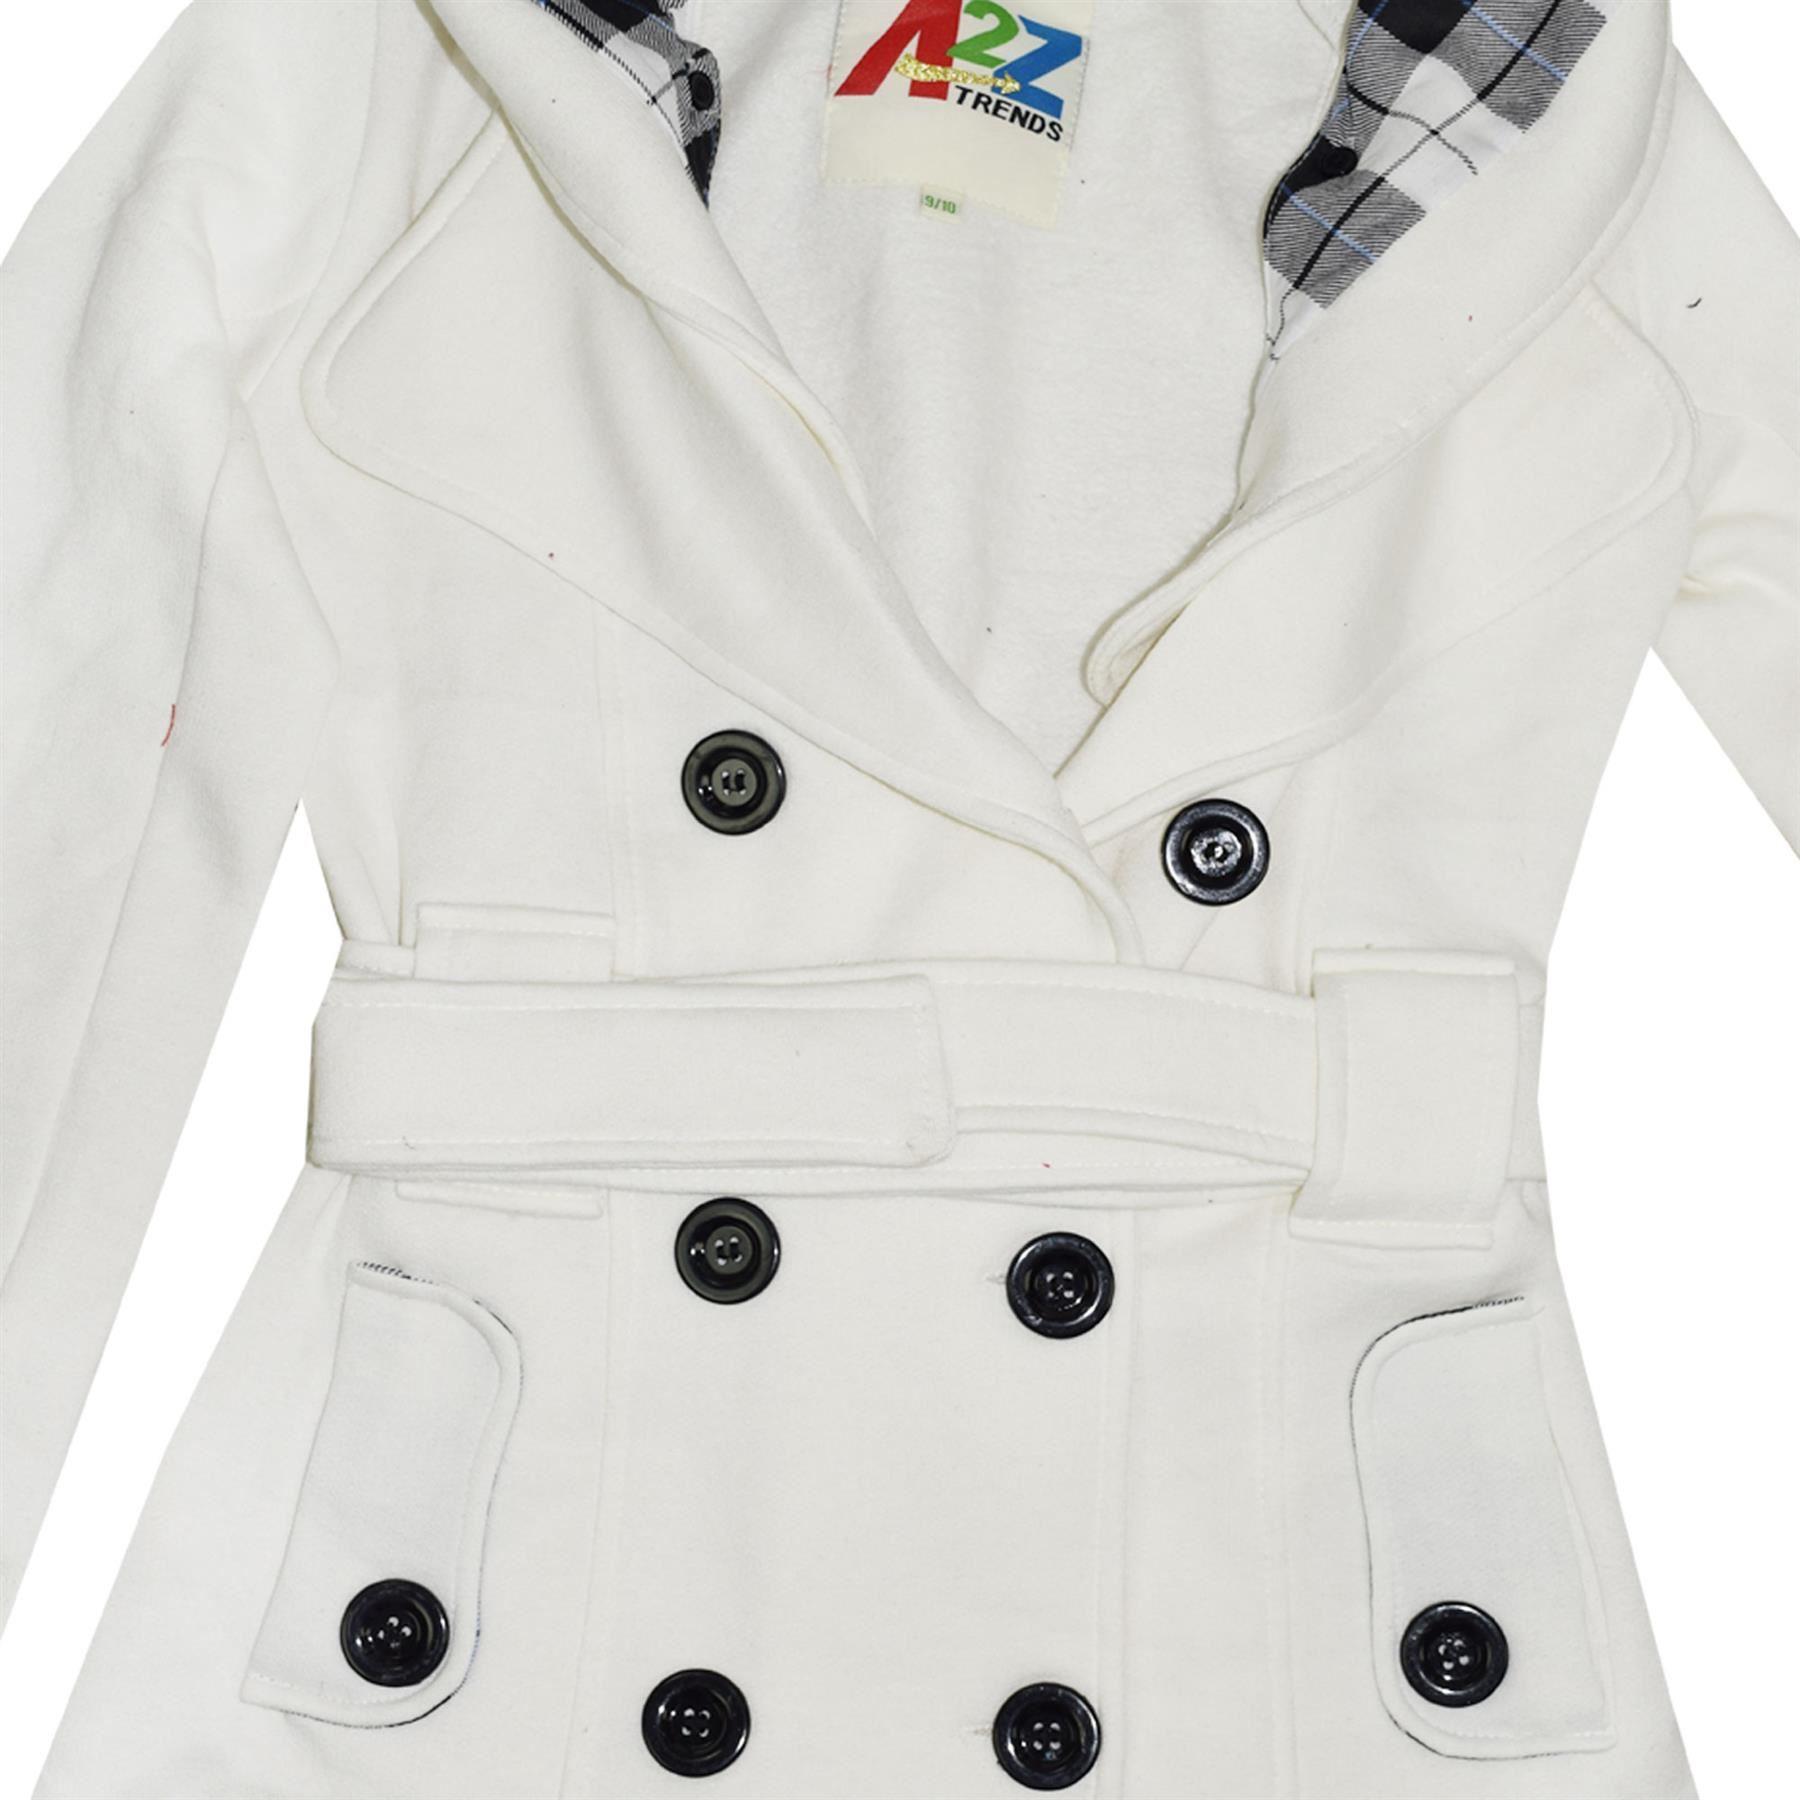 Niños Niñas abrigos con capucha Trinchera Abrigos chaquetas Largo Parka Acolchada Solapas Crema